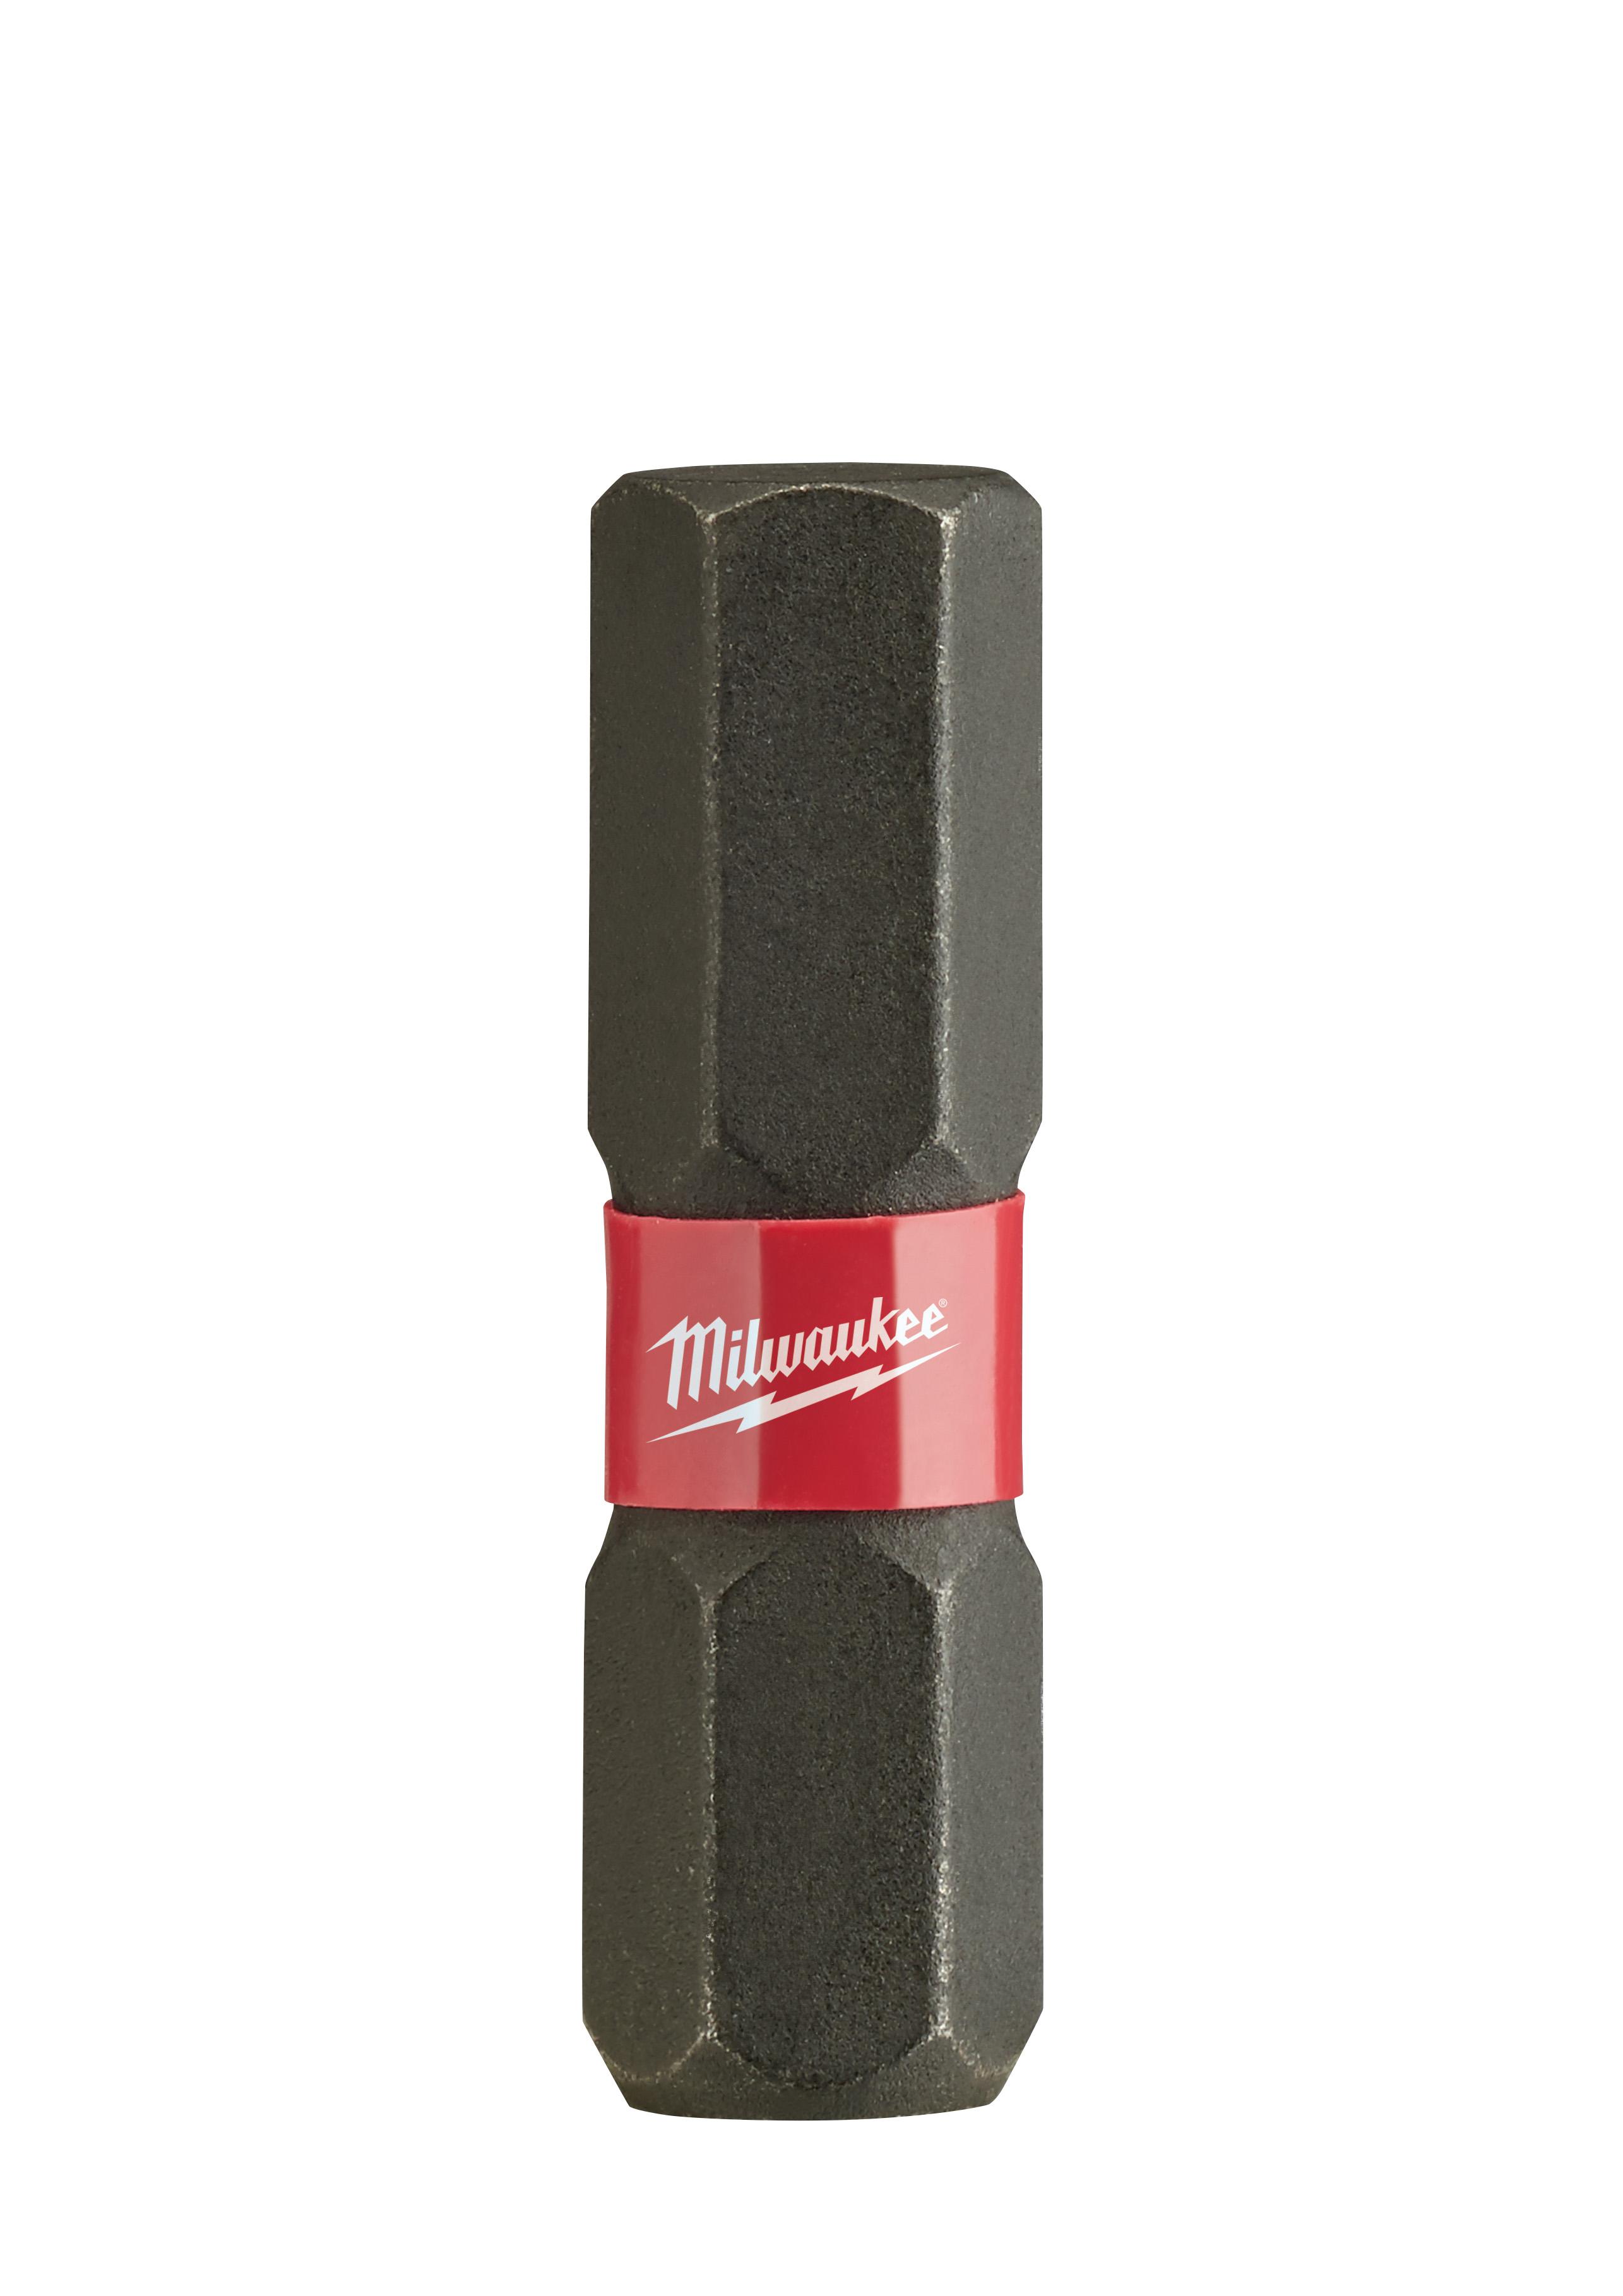 Milwaukee® SHOCKWAVE™ 48-32-4709 Impact Insert Bit, 1/4 in Hex Point, 1 in OAL, Custom Alloy76™ Steel